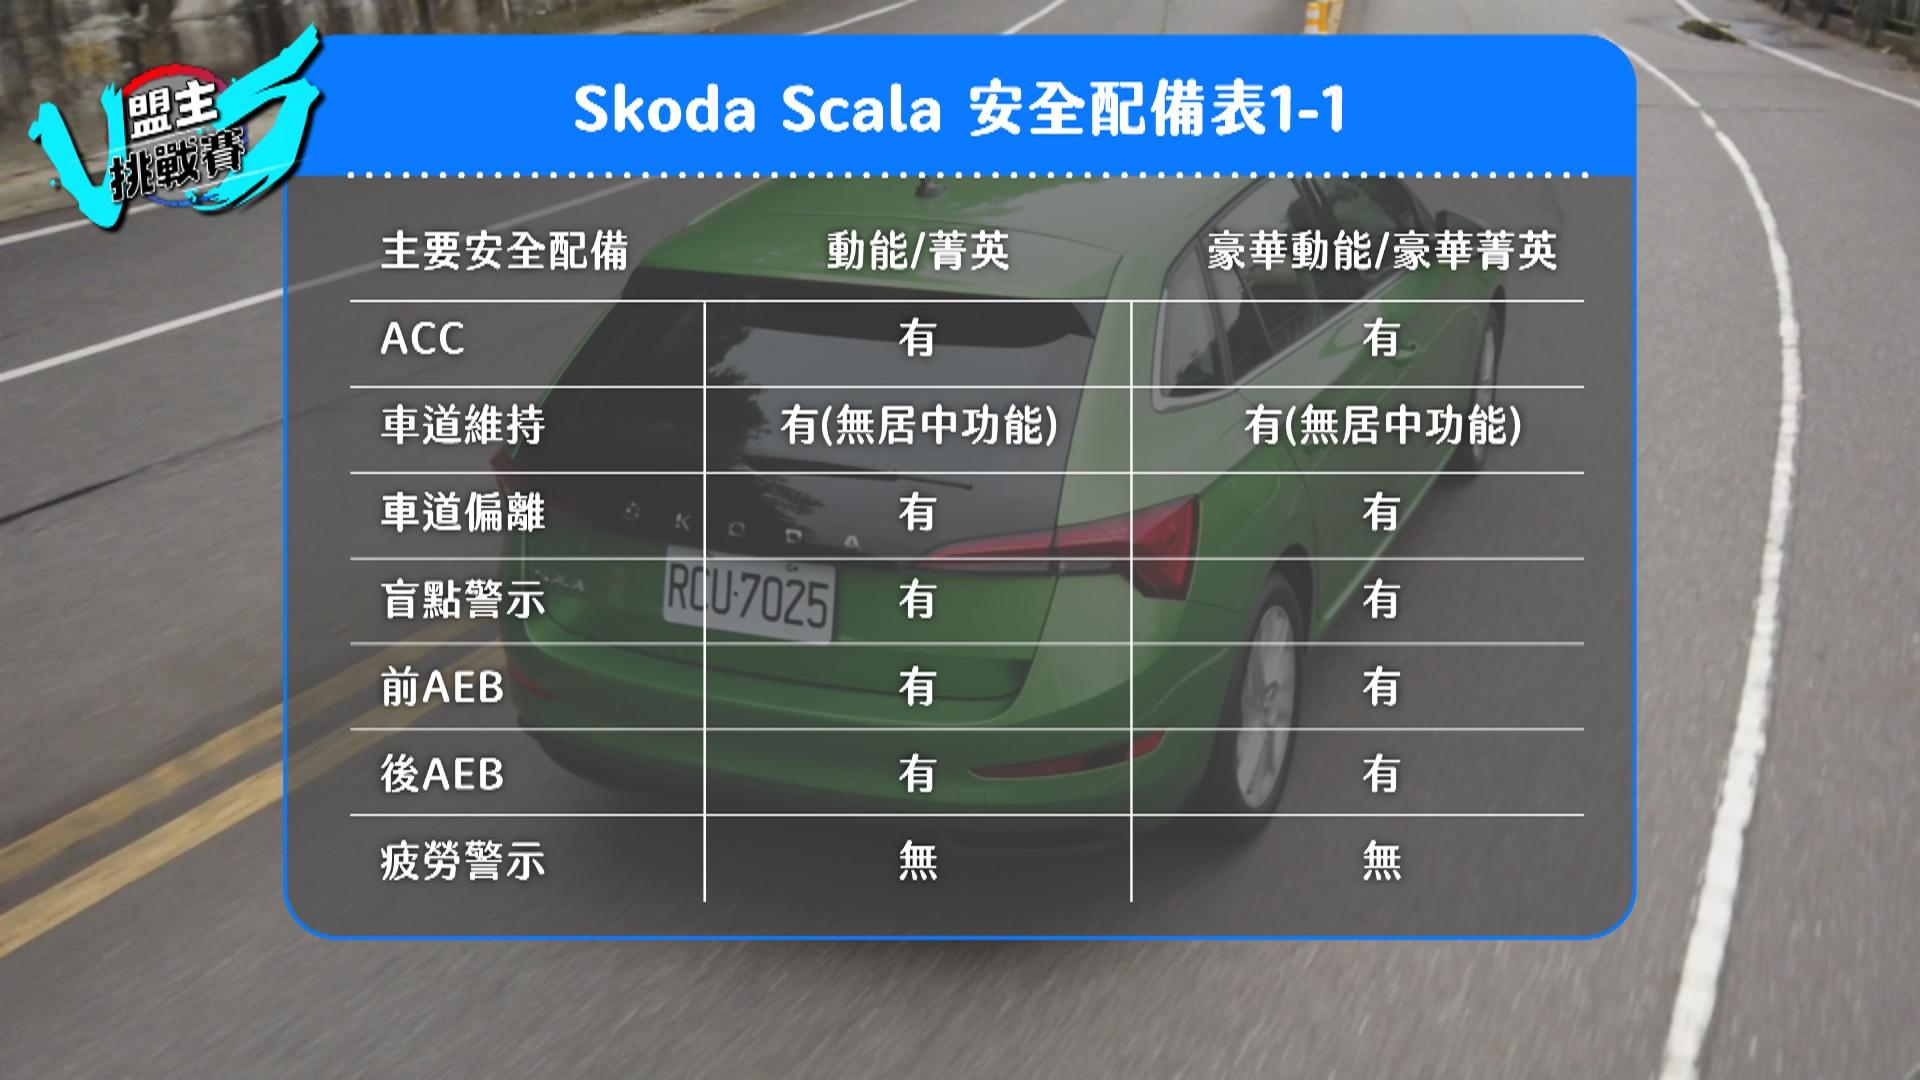 Scala 於 ADAS 系統中配備齊全,但考量道路硬體建設,車道置中功能並未完全開啟。